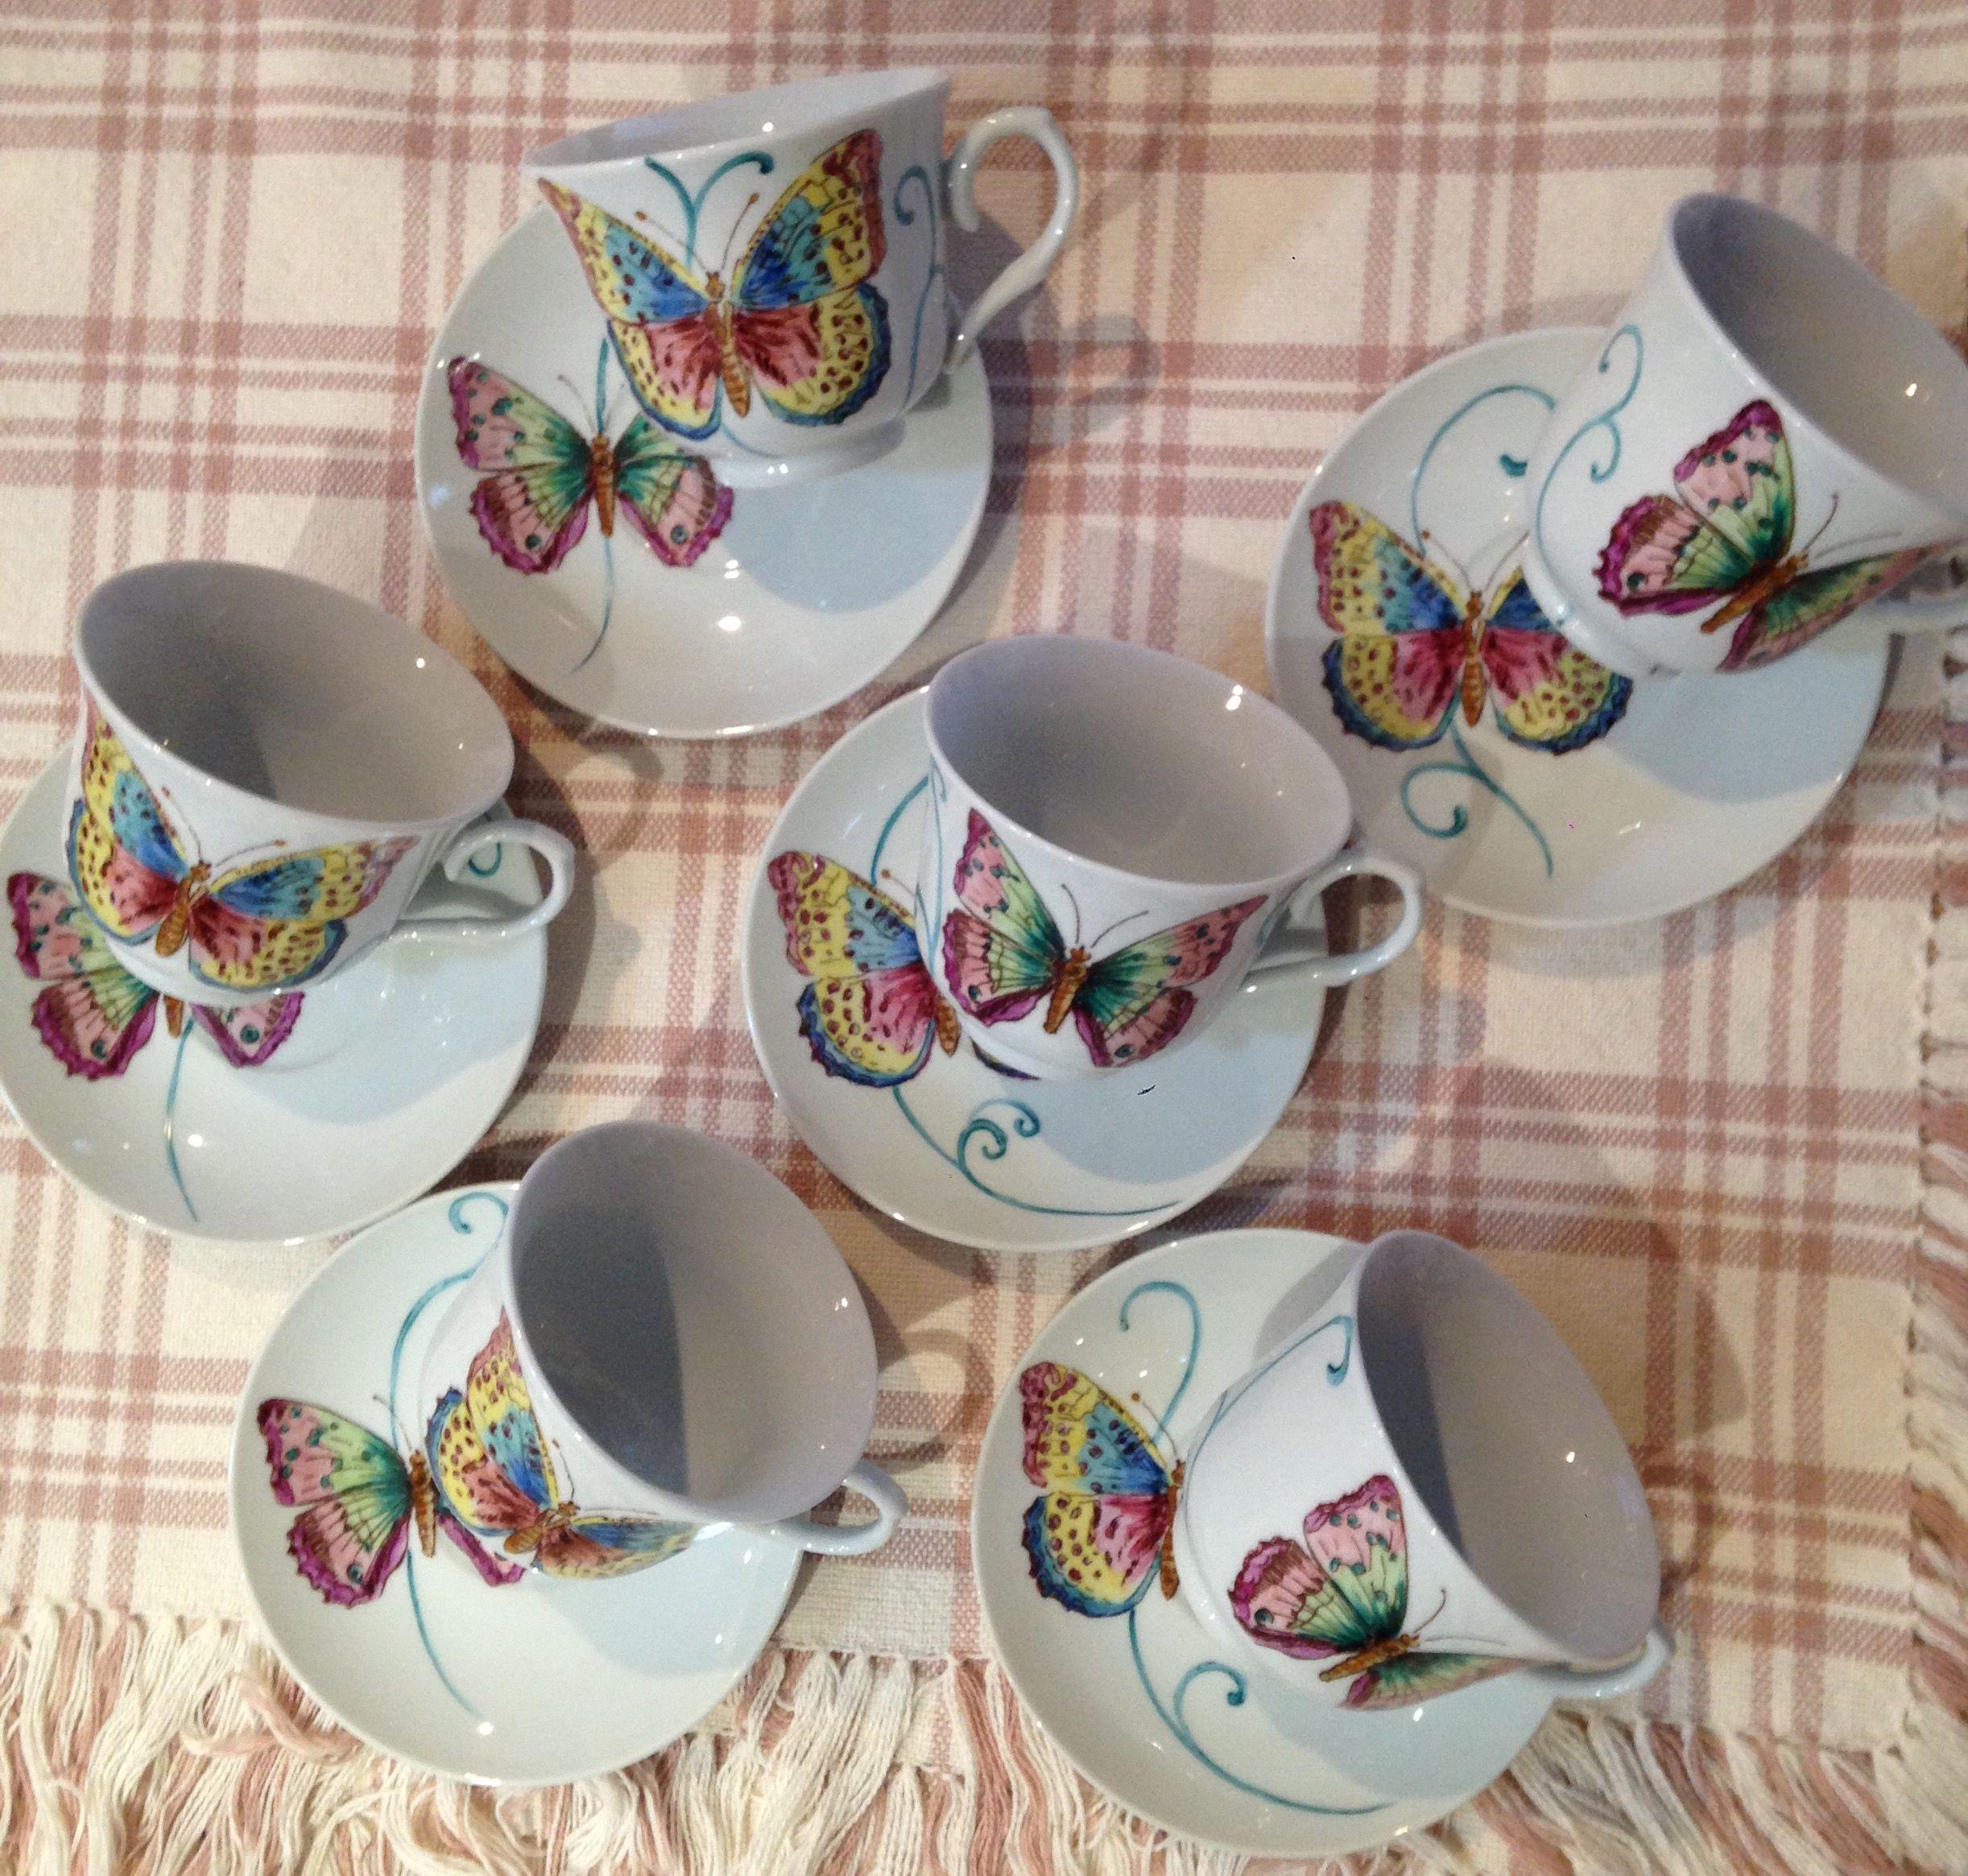 Conjunto Xicaras De Cha Pintura A Mao Arteemporcelanas Xicaras Pintadas Pintura Em Porcelanas Xicaras De Porcelana